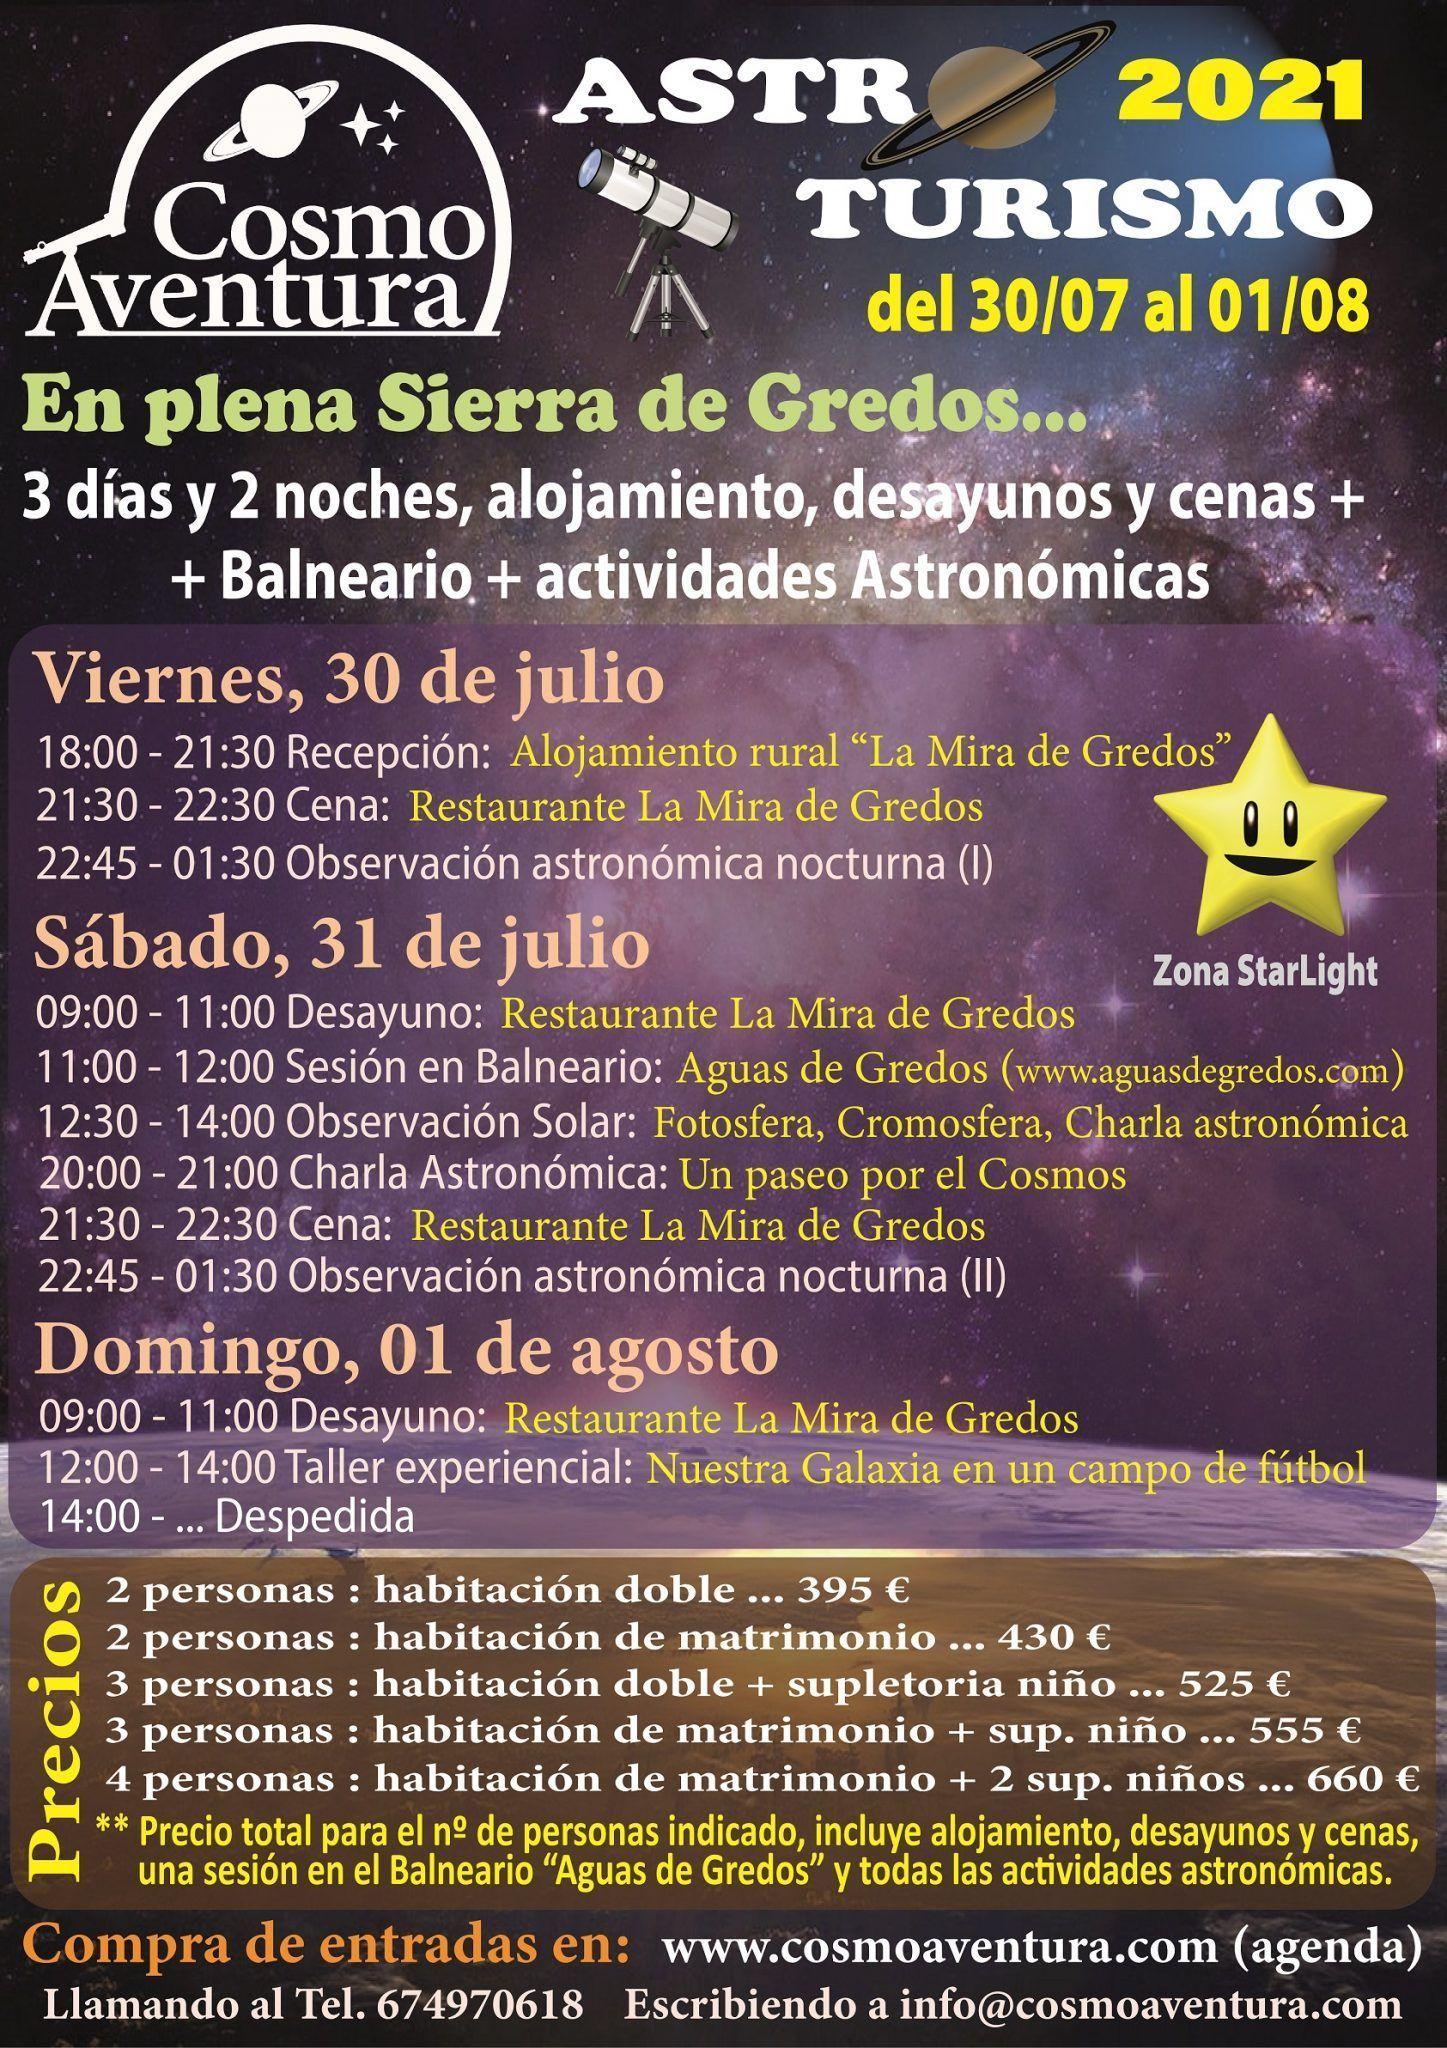 (AGOTADO) 30/07, 31/07 y 01/08: Jornadas de AstroTurismo en plena Sierra de Gredos